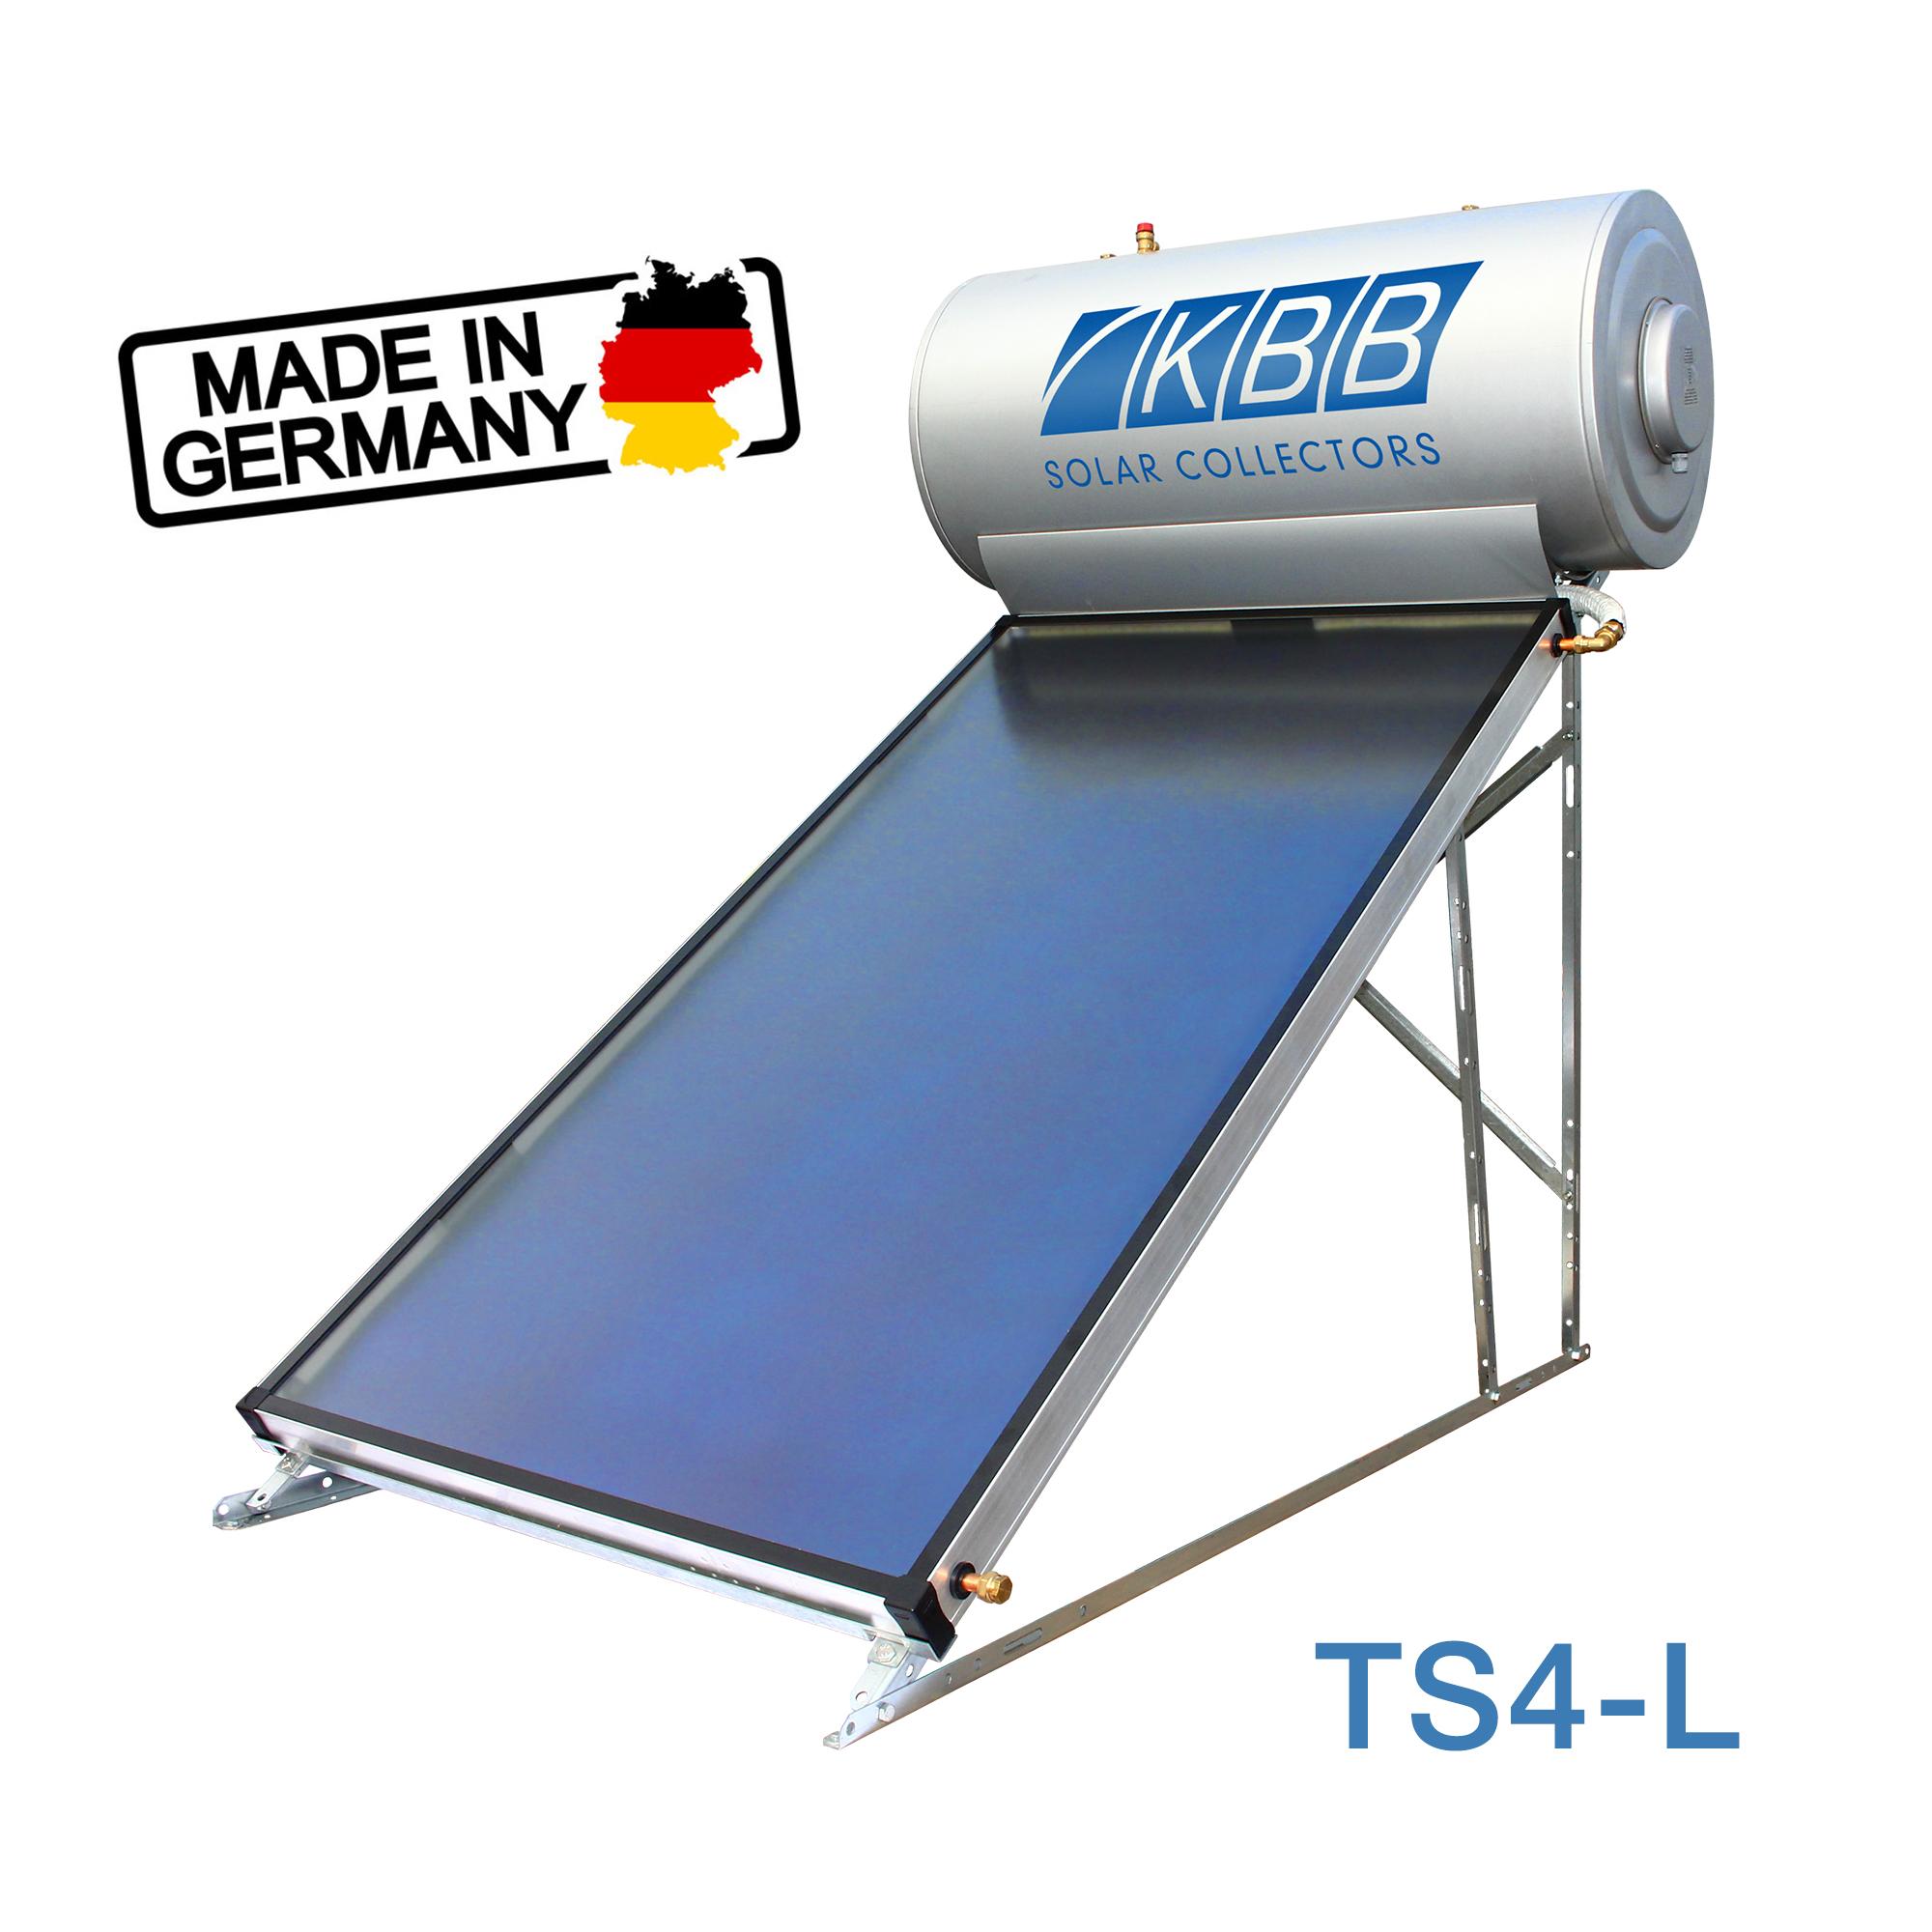 Термосифонна система нагрівання води KBB TS4-L 200 літрів